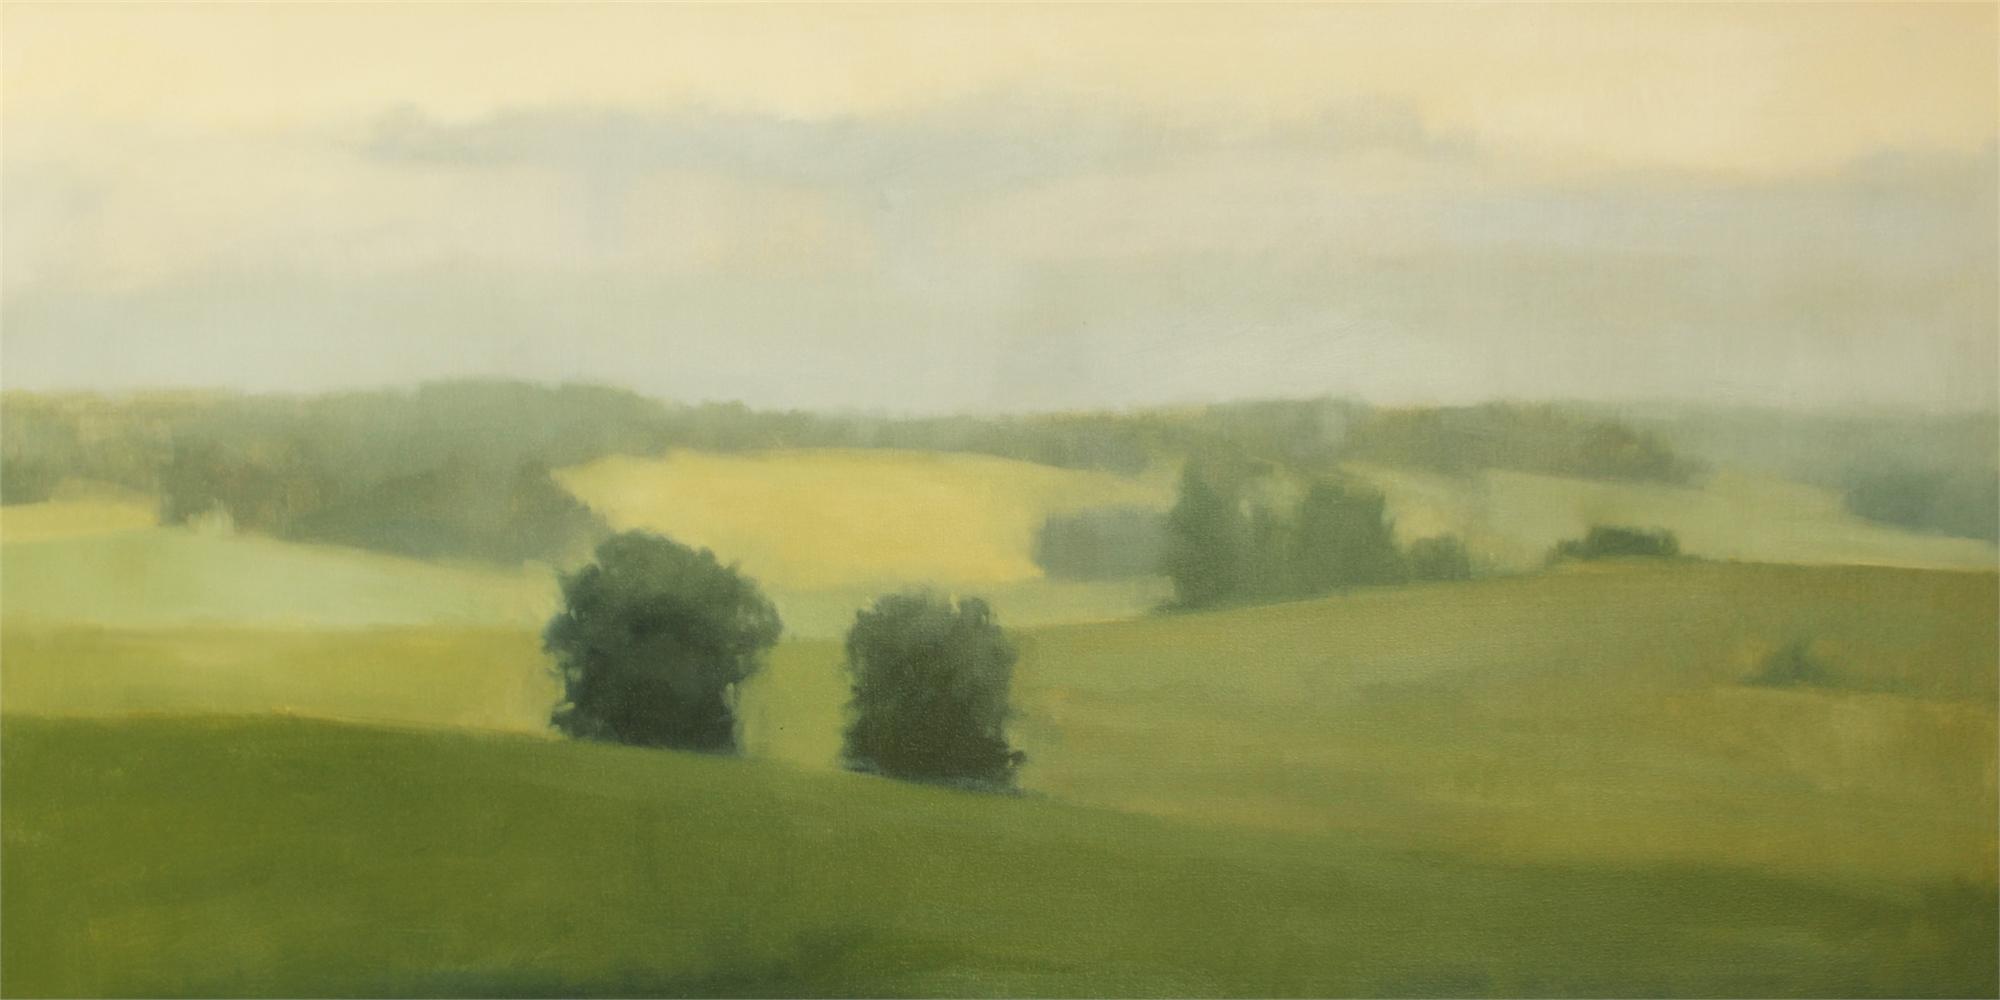 Soft Valley by Megan Lightell